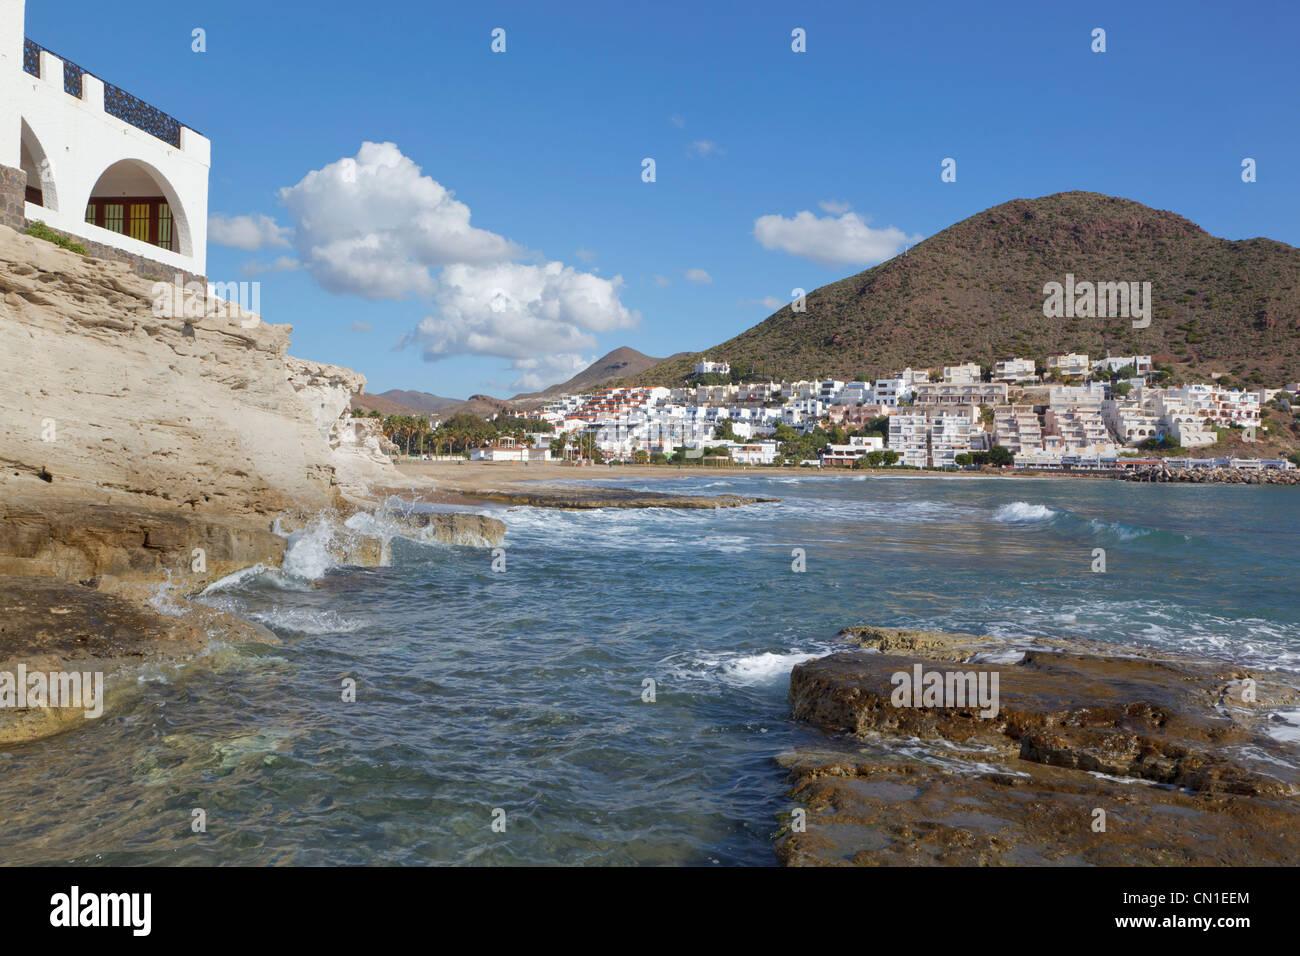 San Jose, el Parque Natural de Cabo de Gata-Níjar, provincia de Almería, España. Imagen De Stock